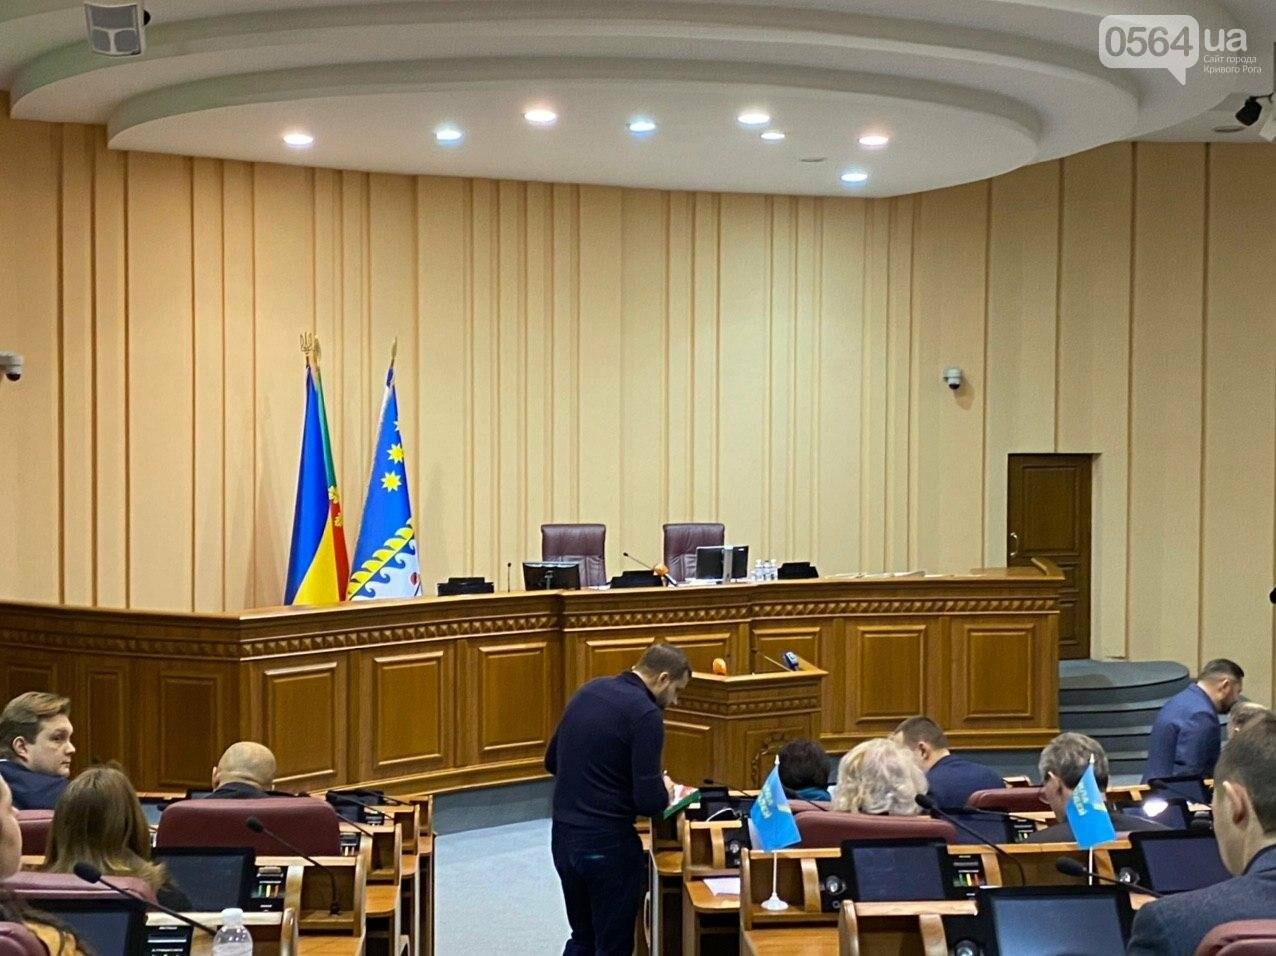 На пленарном заседании сессии 2020 год объявлен годом Криворожского городского совета, - ФОТО, ПРЯМОЙ ЭФИР, фото-3